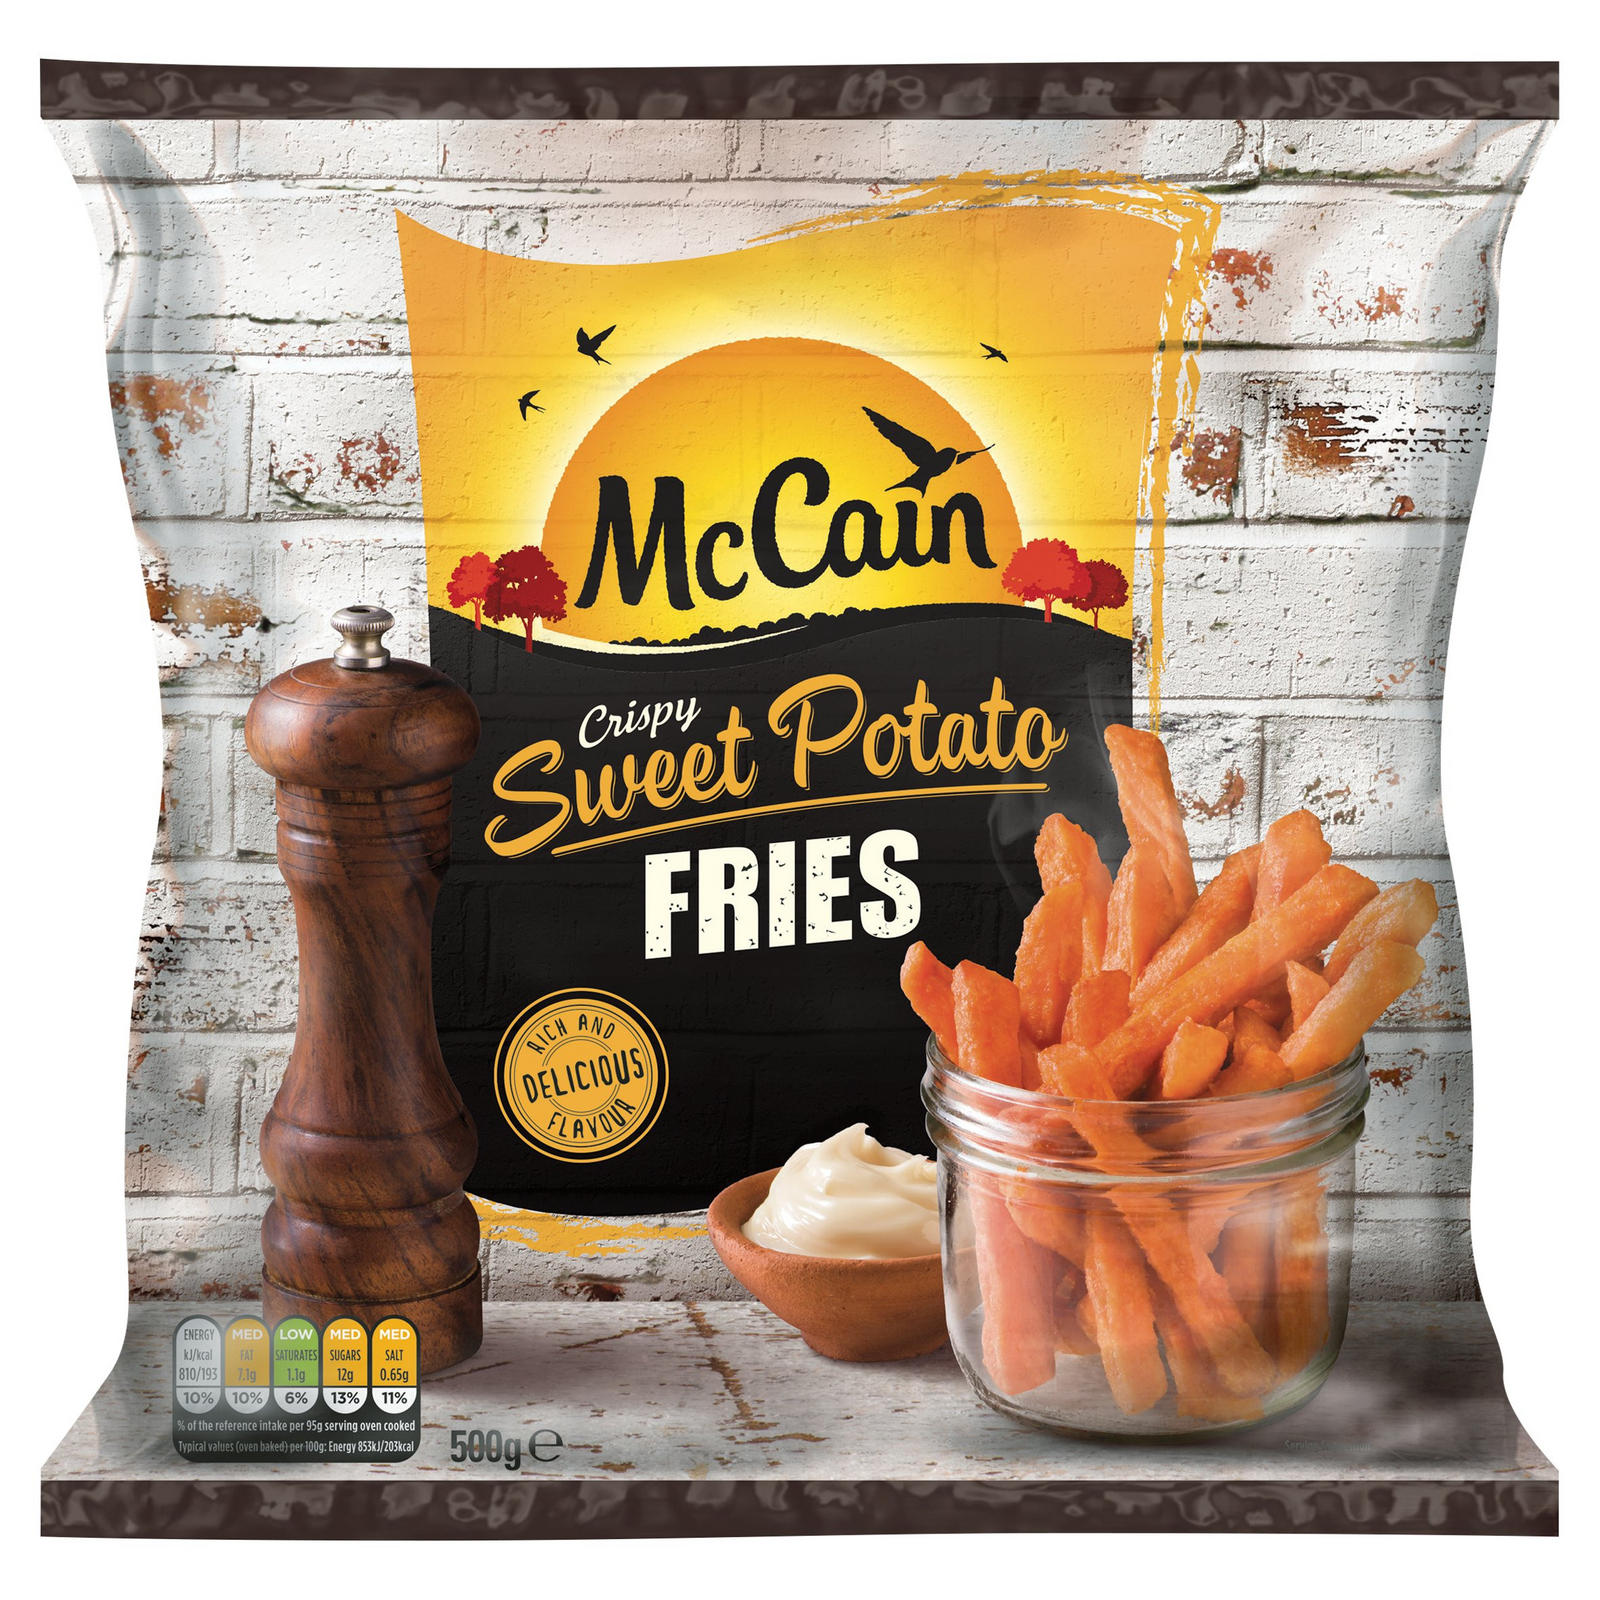 Mccain Crispy Sweet Potato Fries 500g Chips Fries